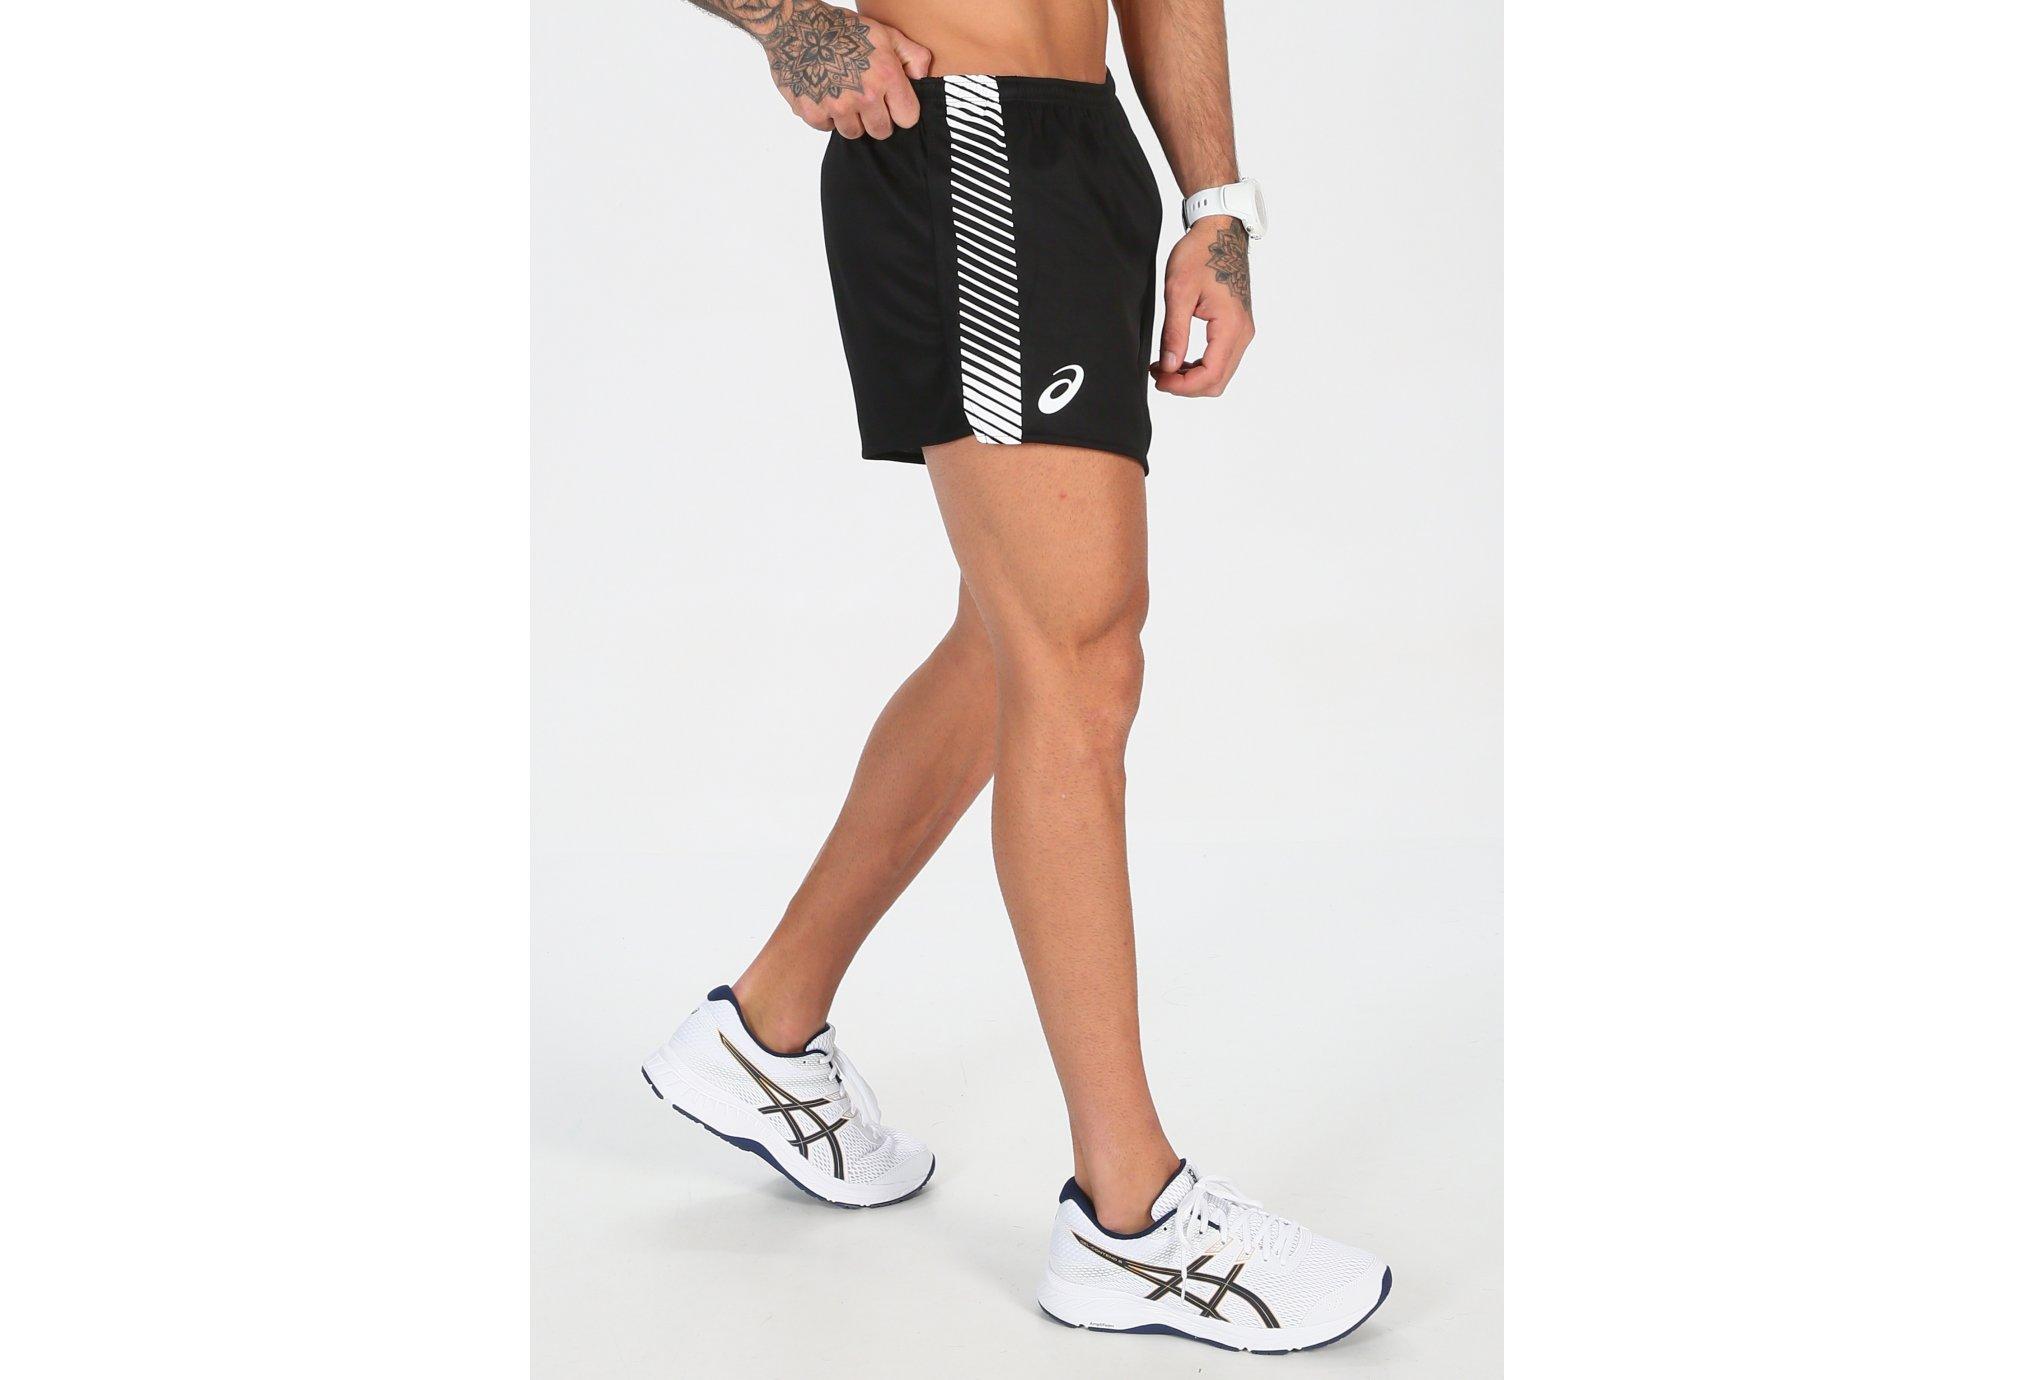 Asics Practice Knit M Diététique Vêtements homme